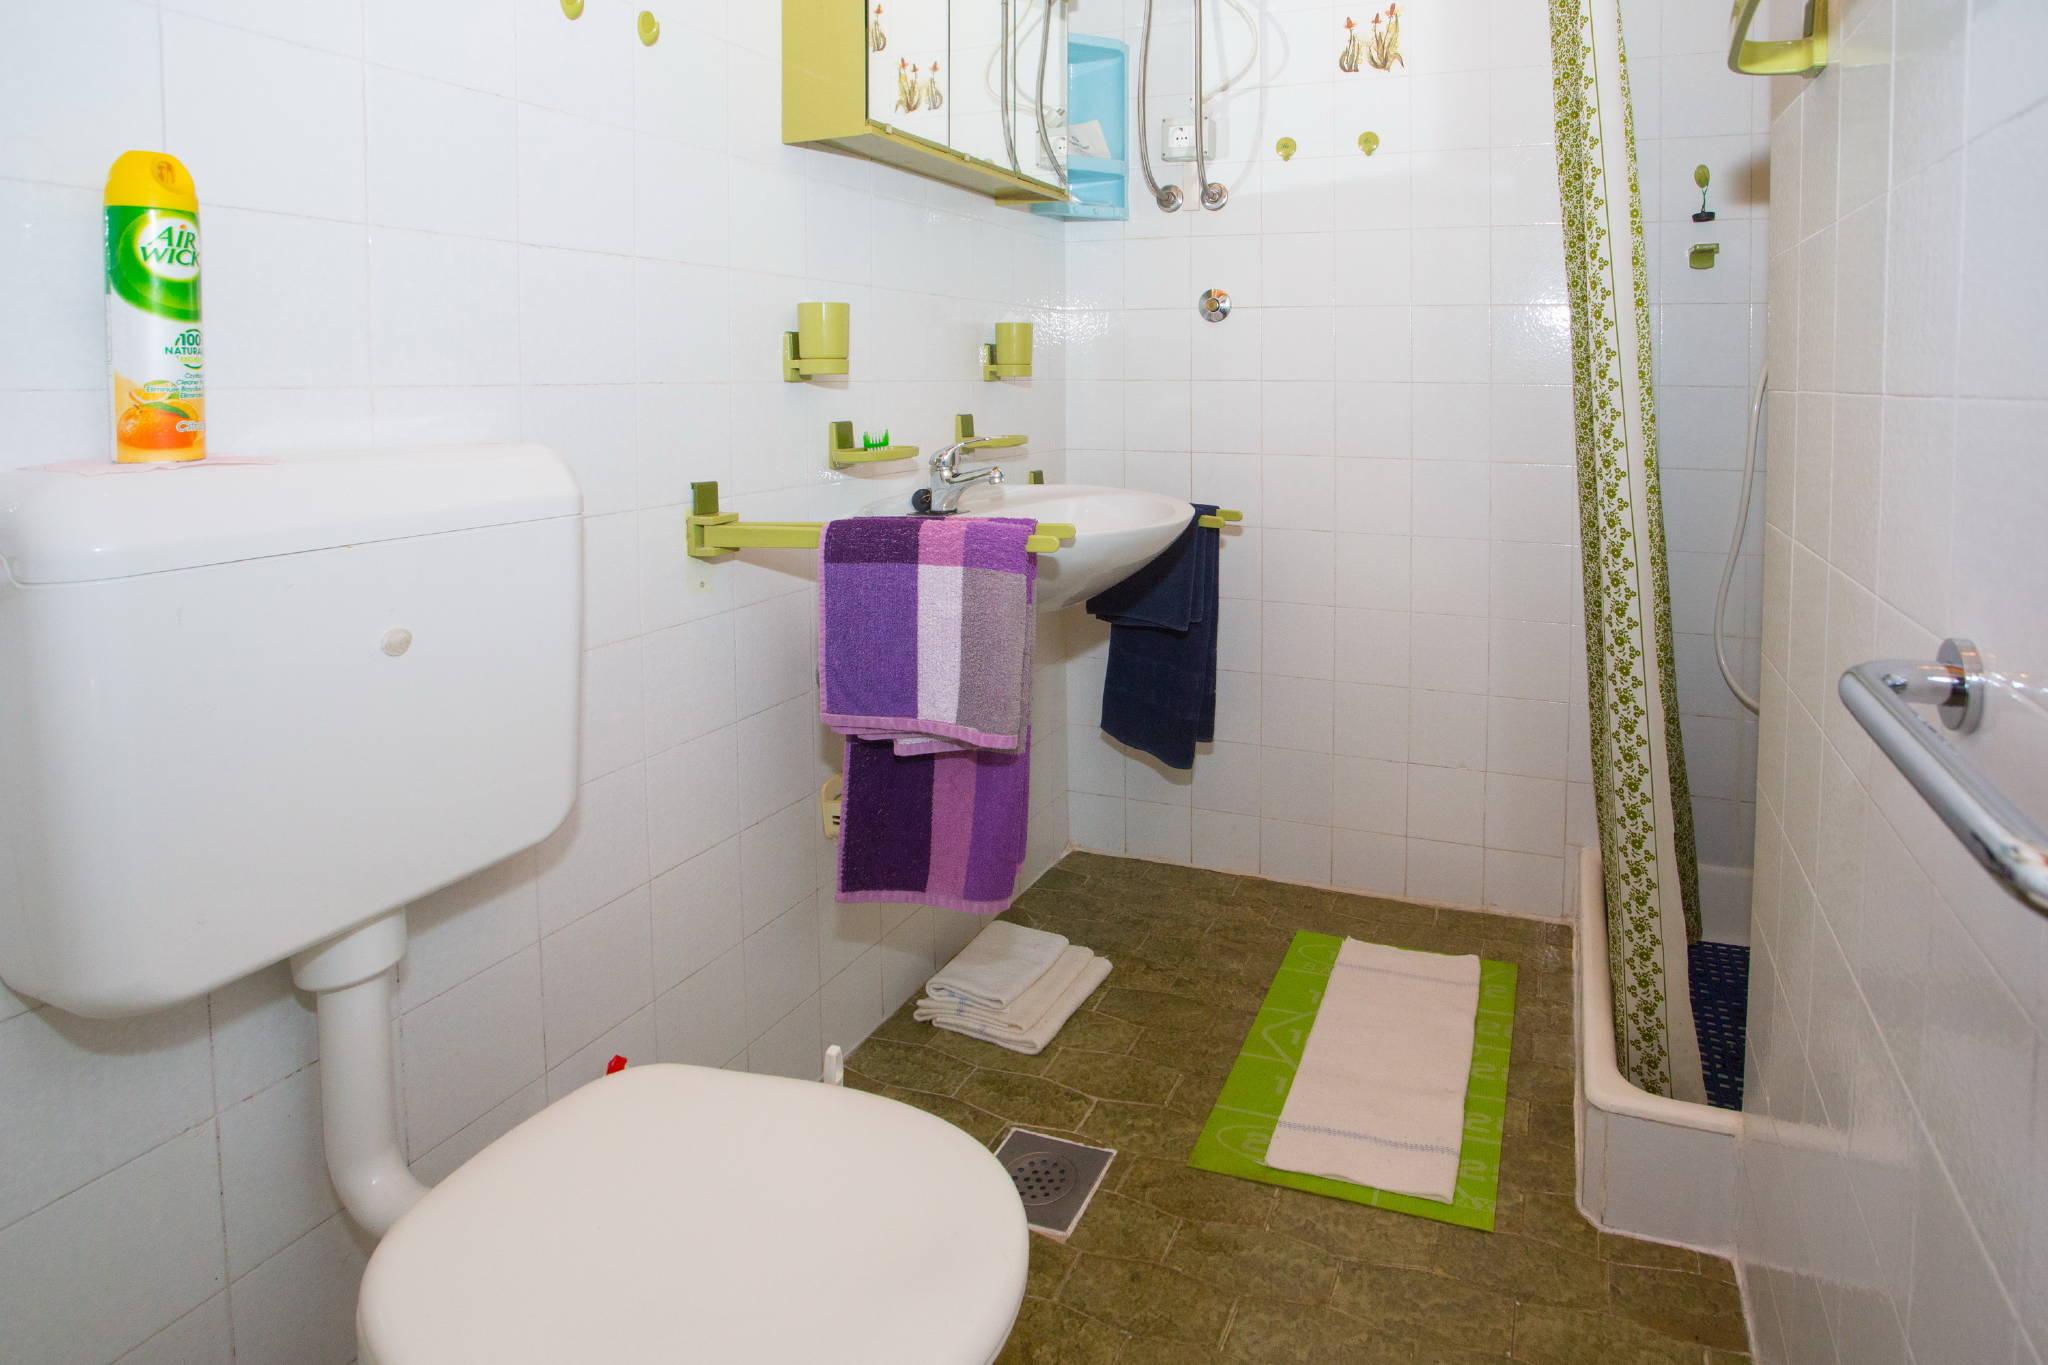 Badezimmer gleich im Ap.1 und Ap.2